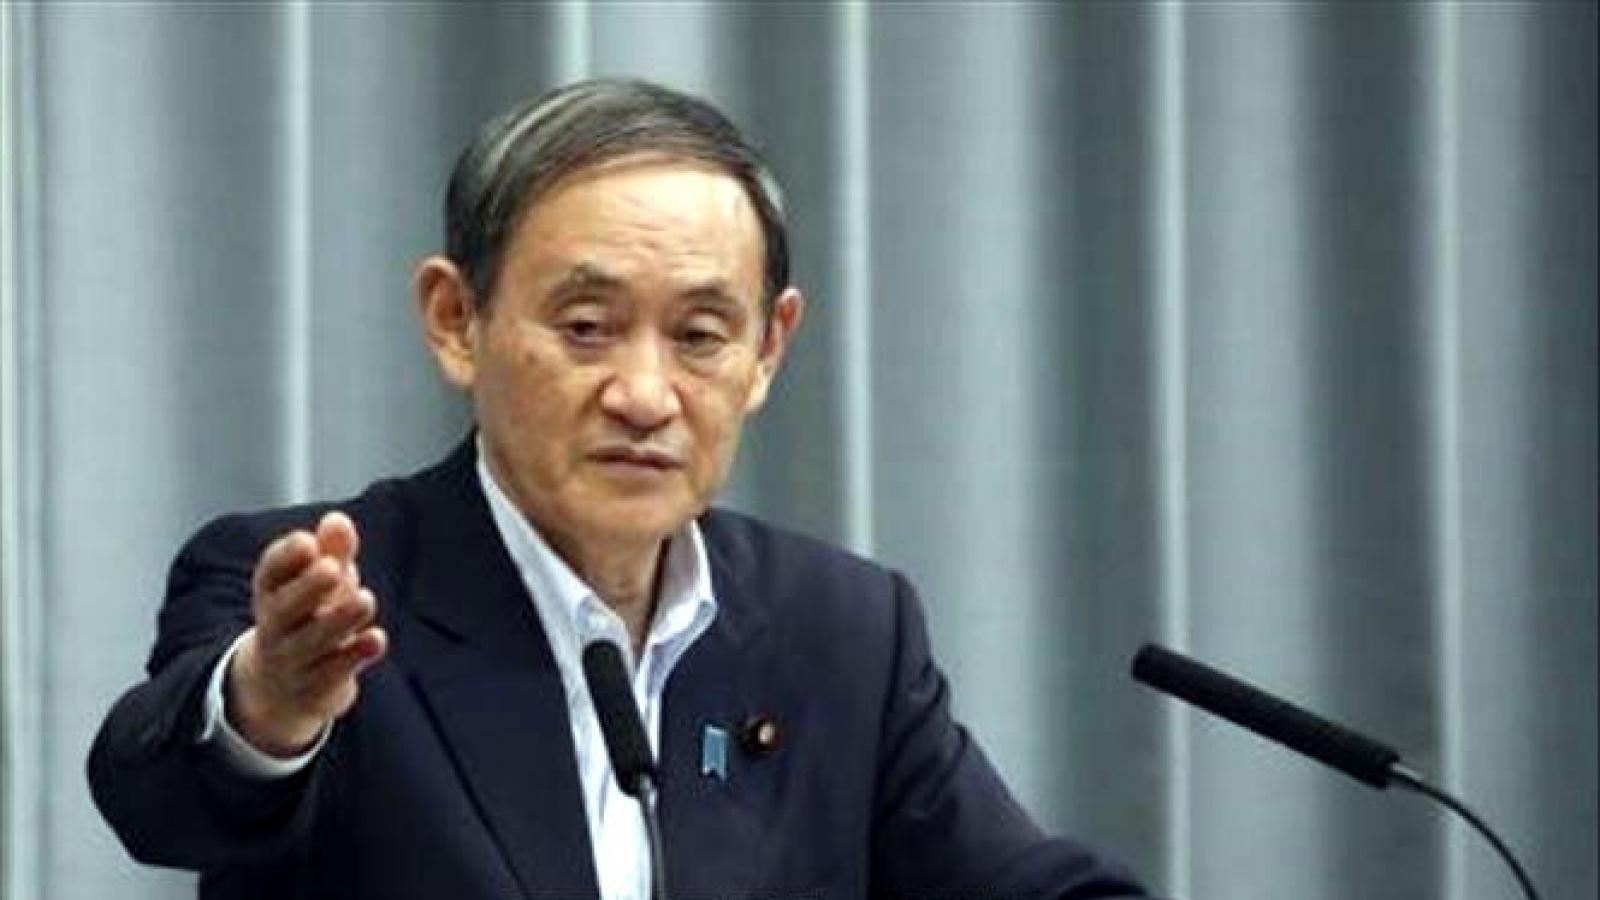 """Tân Thủ tướng Nhật Bản với """"Mũi tên thứ 3"""" của Abenomic?"""